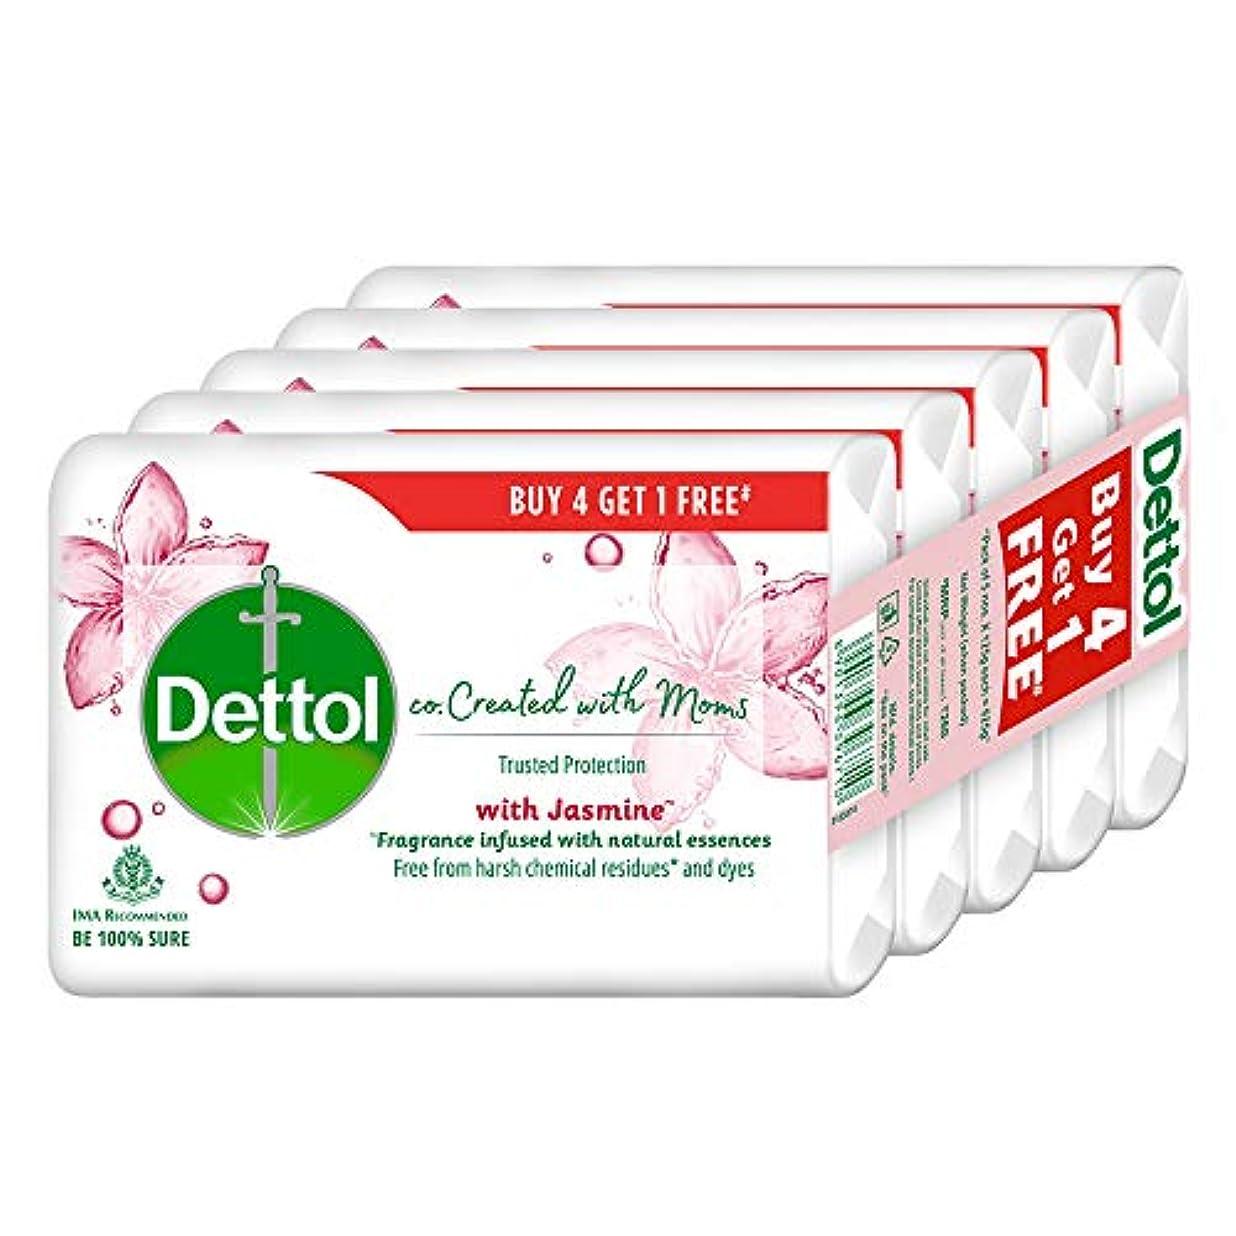 クラッチリスト本会議Dettol Co-created with moms Jasmine Bathing Soap, 125gm (Buy 4 Get 1 Free)